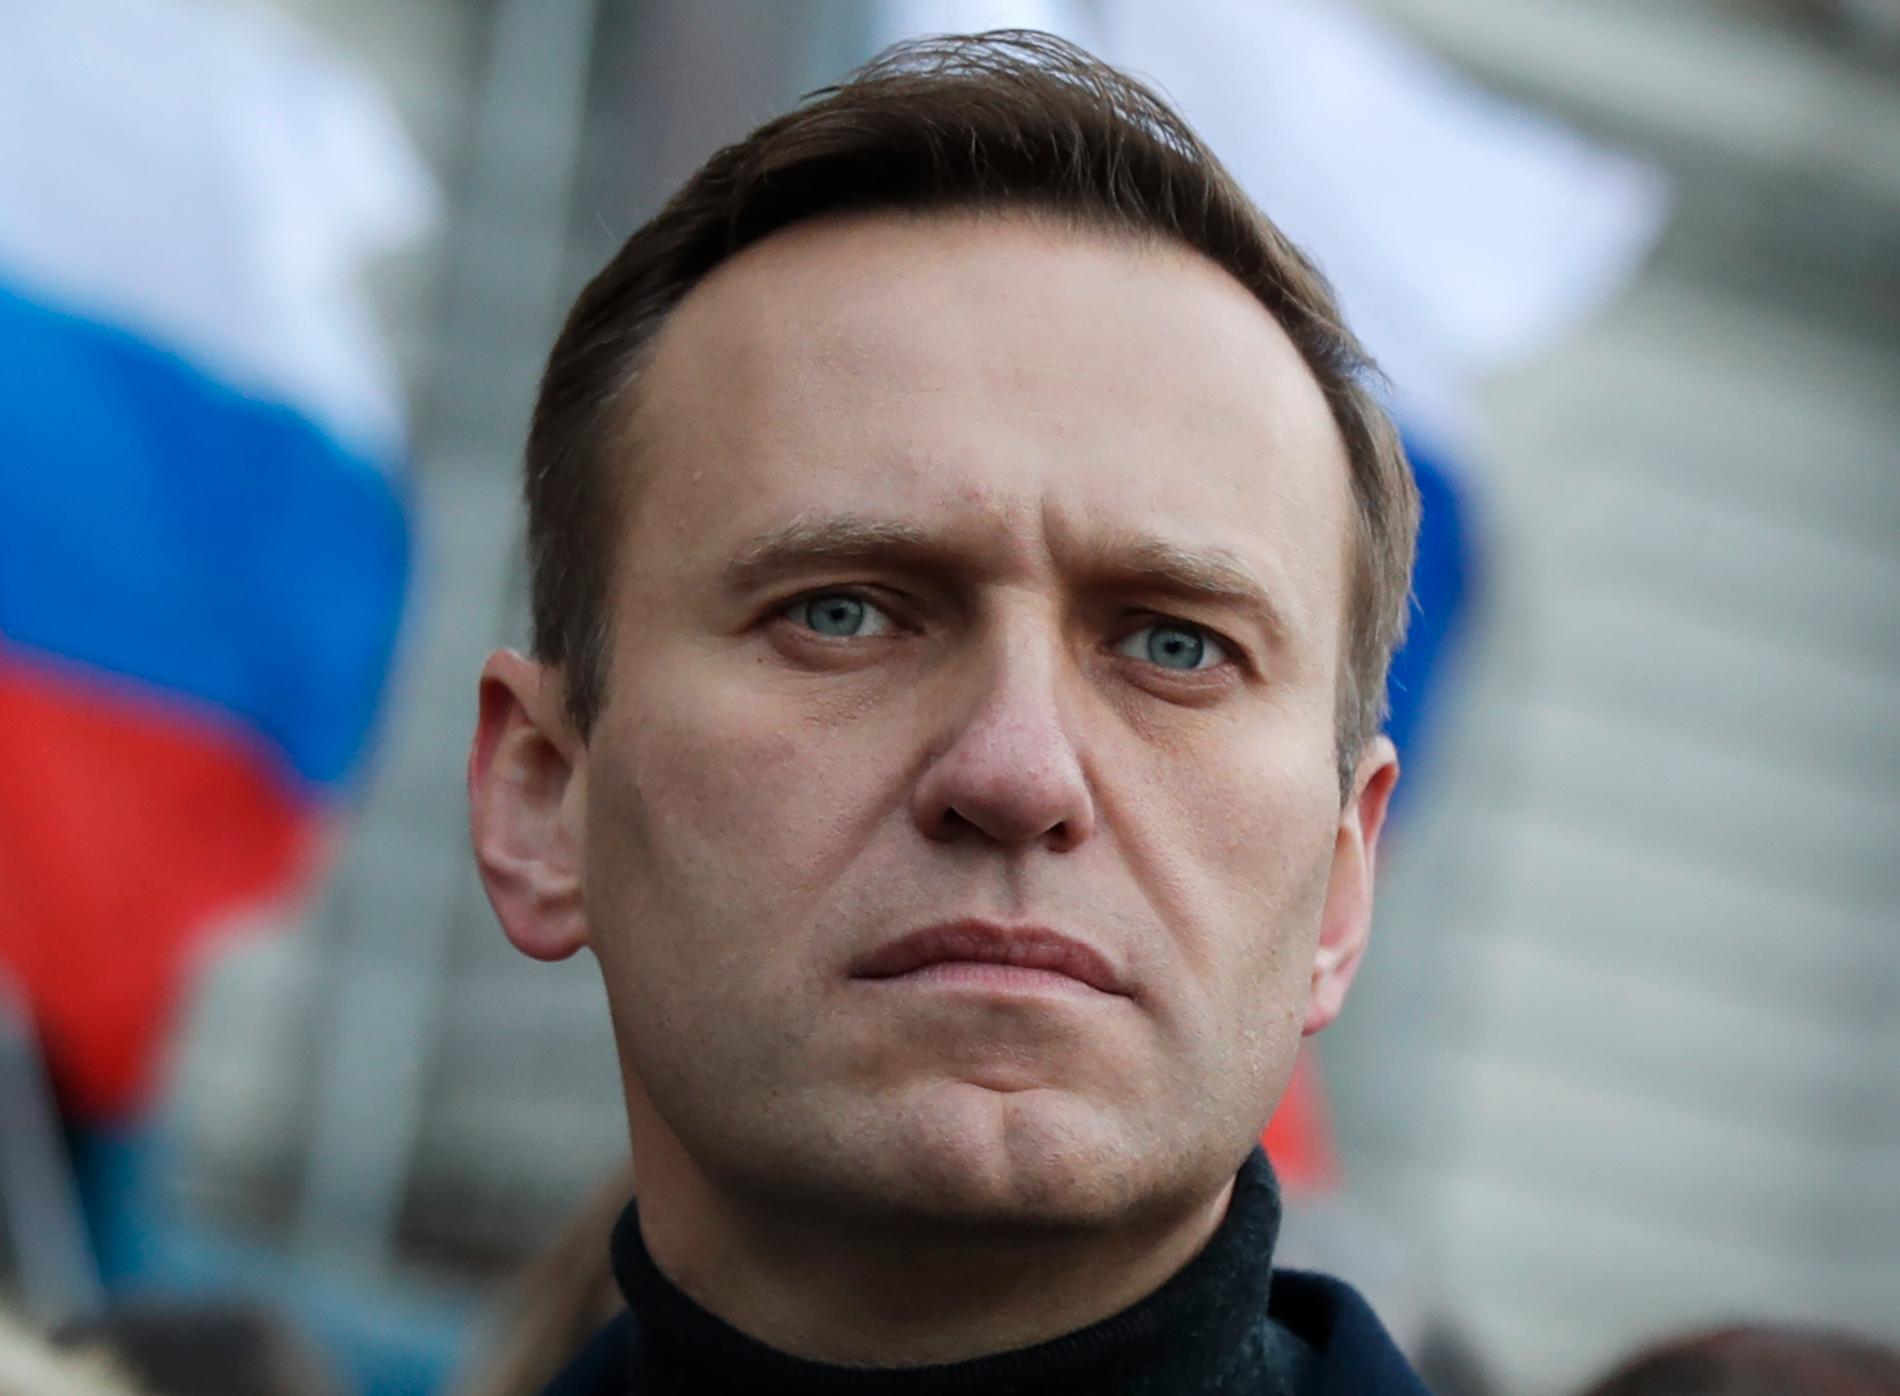 Den ryske oppositionspolitikern Aleksej Navalnyj ligger just nu i koma på ett sjukhus i Berlin.